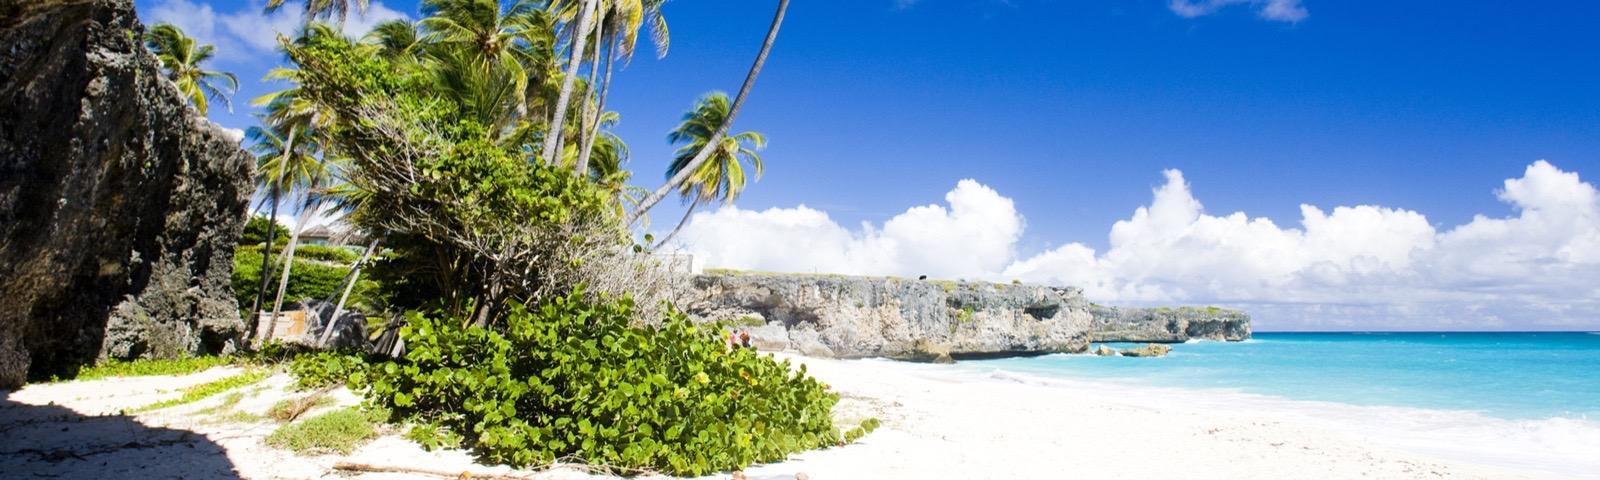 Resa till Barbados